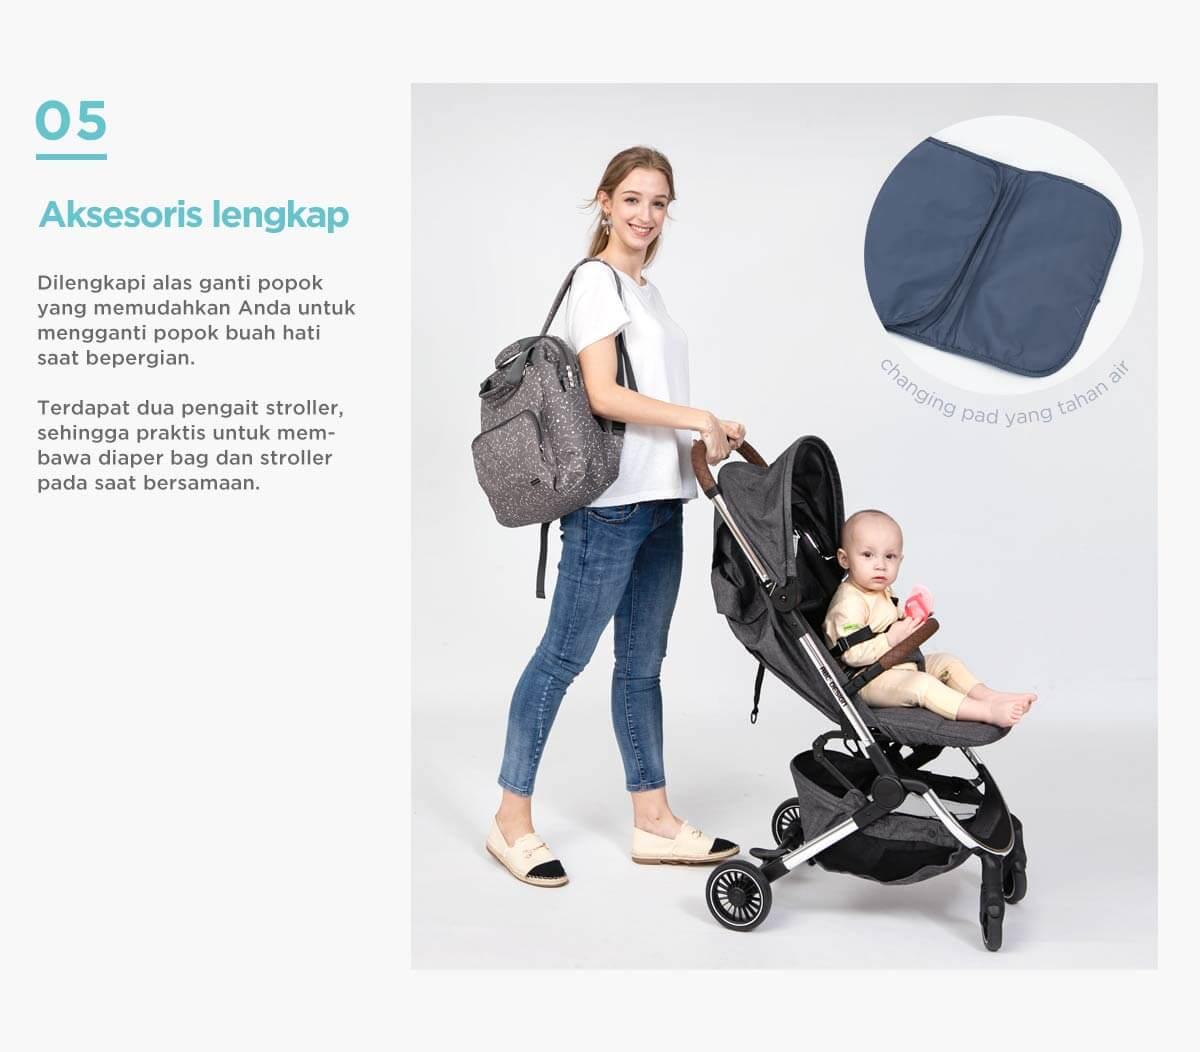 rekomendasi diaper bag untuk travelling